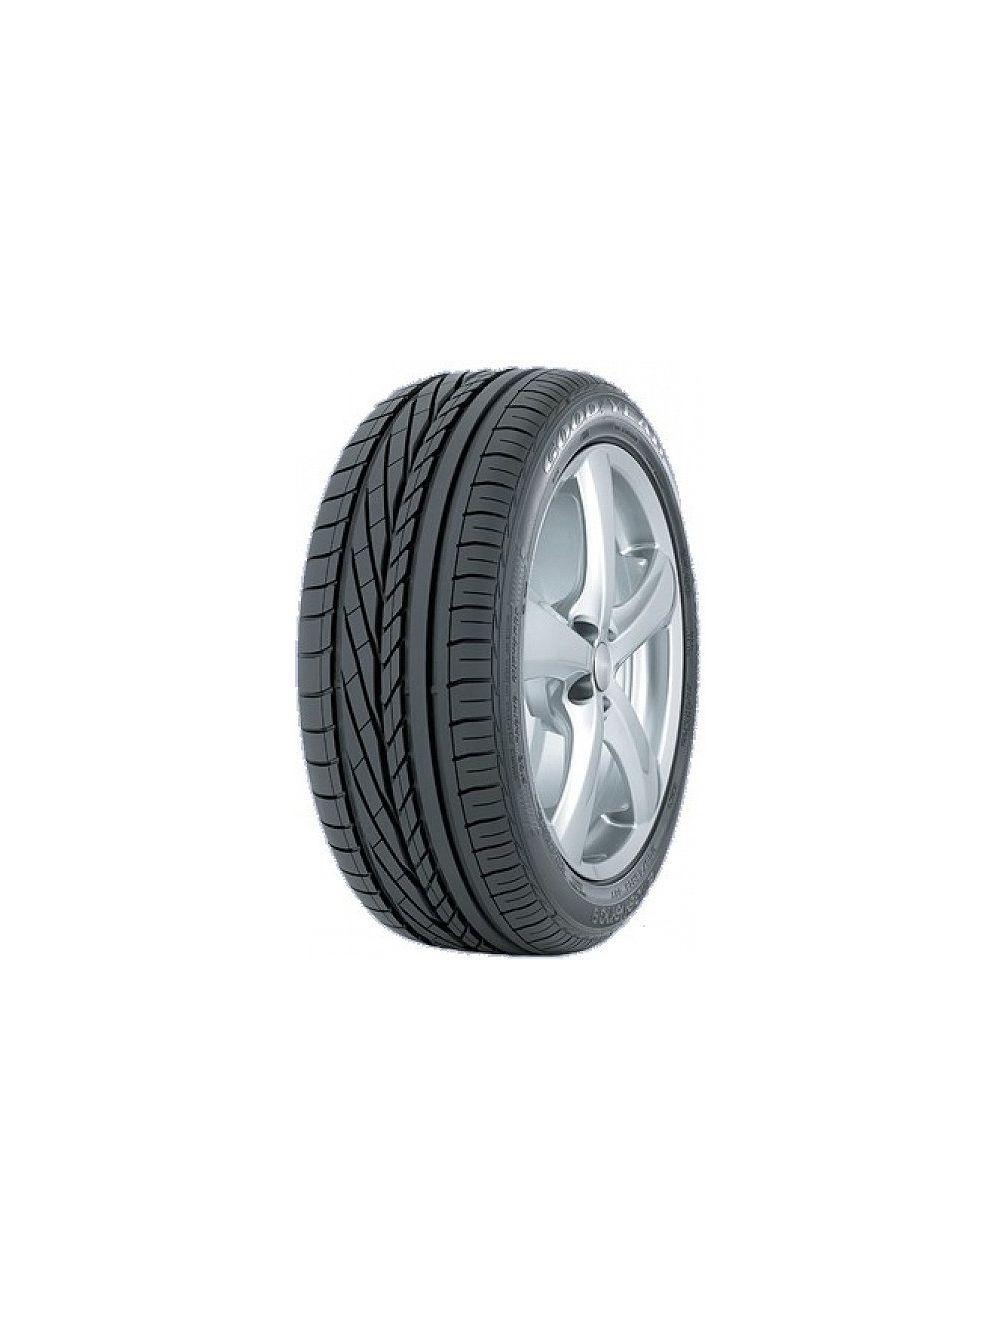 Goodyear 245/40R20 Y Excellence XL ROF* Nyári gumi